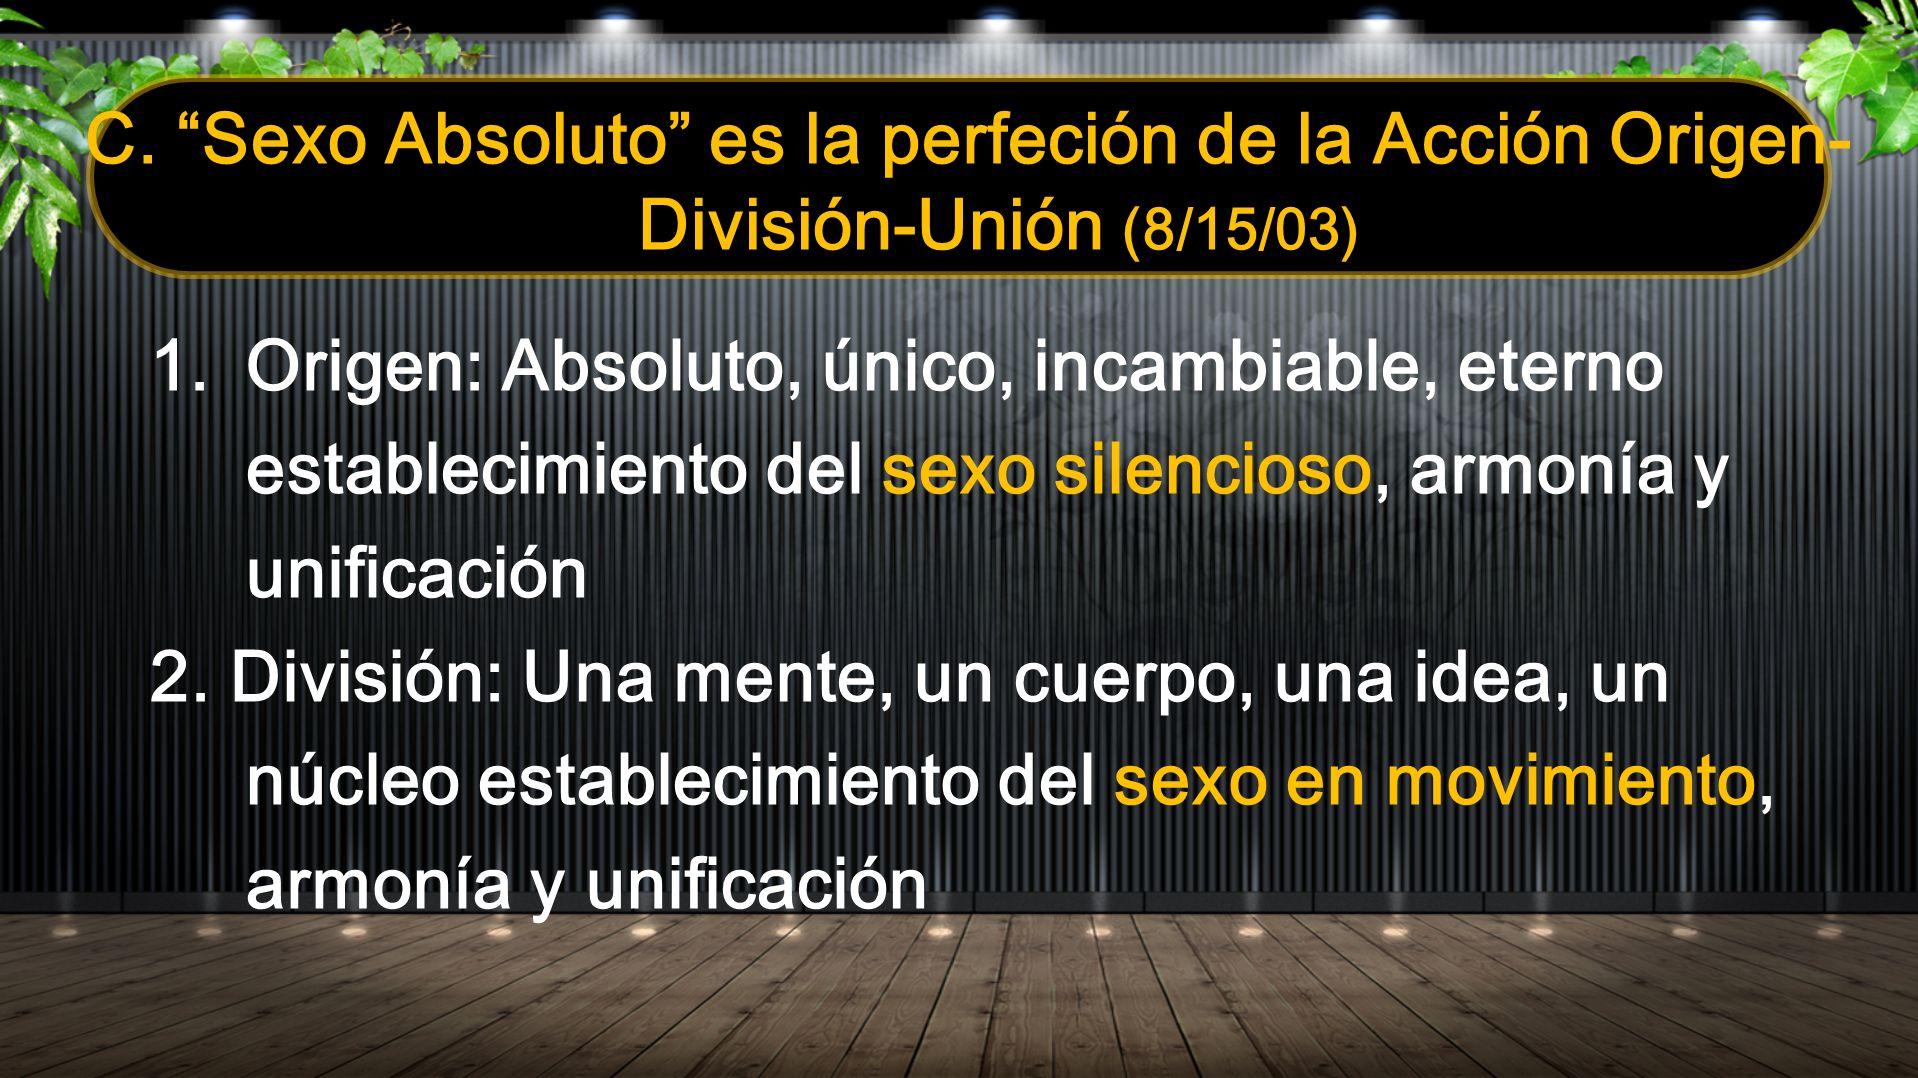 C. Sexo Absoluto es la perfeción de la Acción Origen- División-Unión (8/15/03) 1.Origen: Absoluto, único, incambiable, eterno establecimiento del sexo